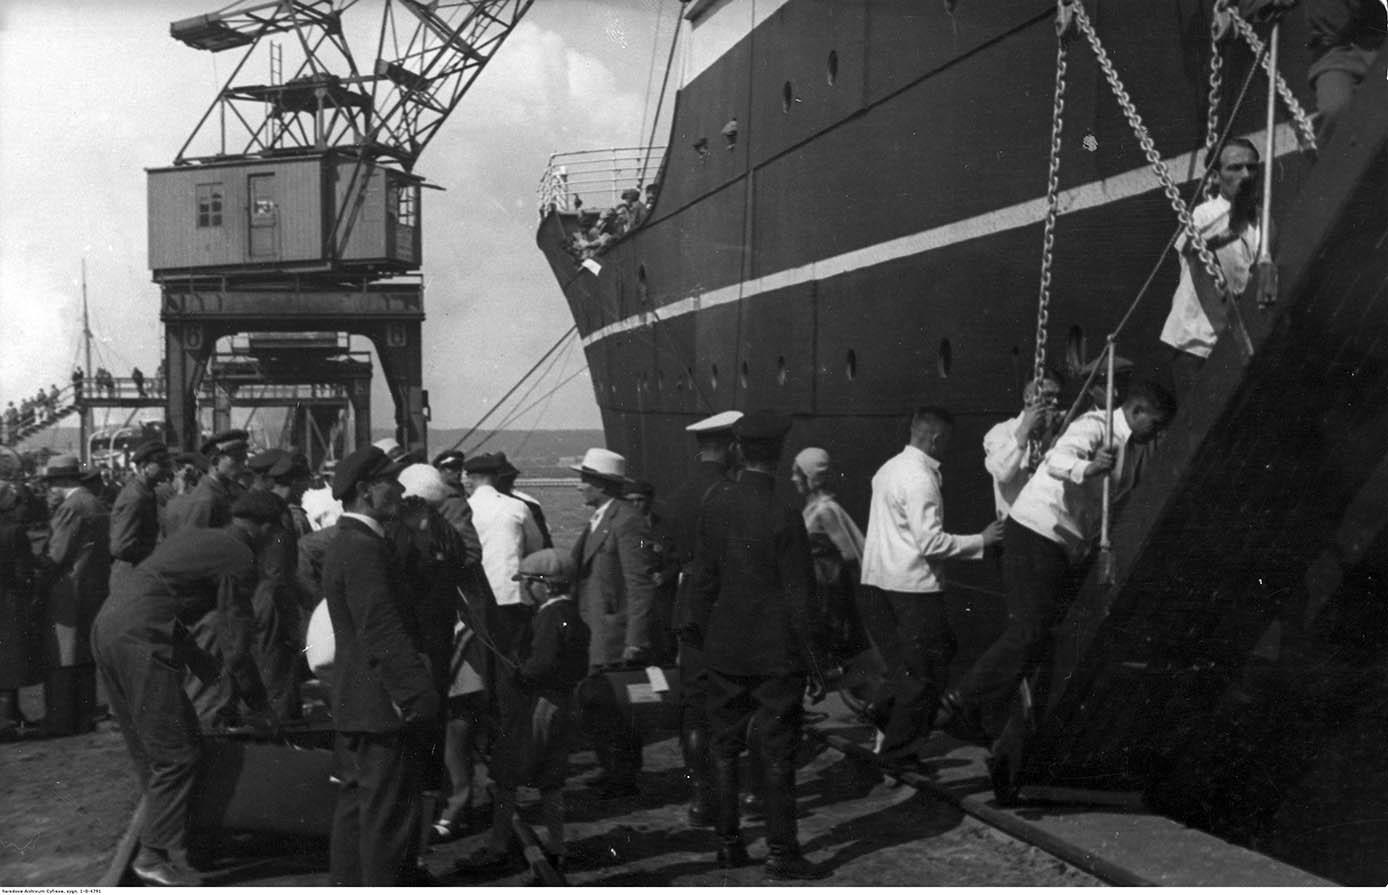 Widoczne osoby wchodzące na statek po trapie